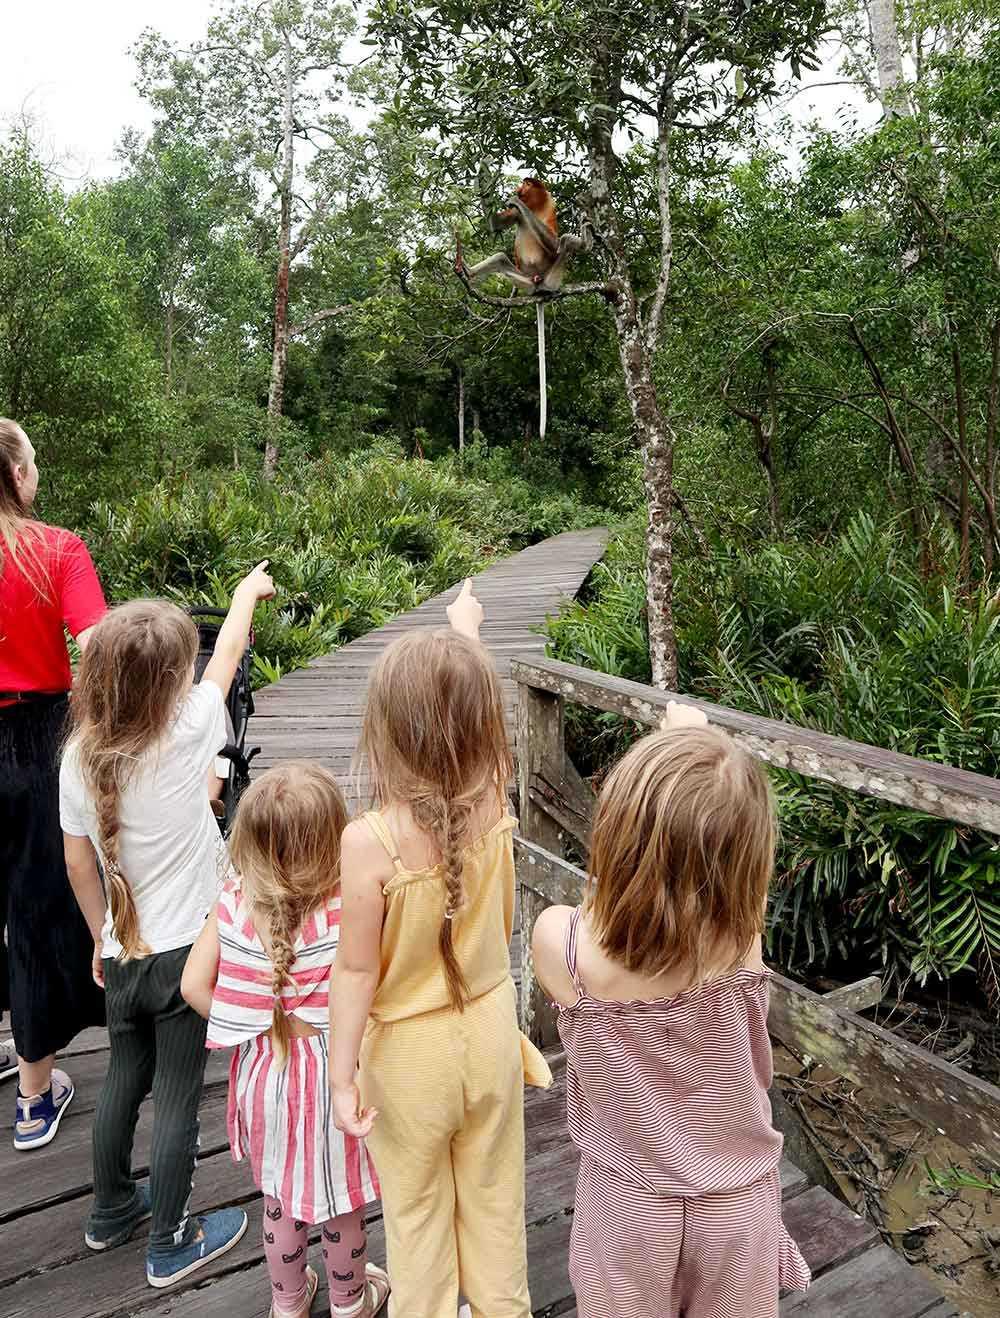 Familjen Holmqvist reste till Borneo och Sepilok för att uppleva de vilda aporna. Många apor vågar komma mycket nära människor.